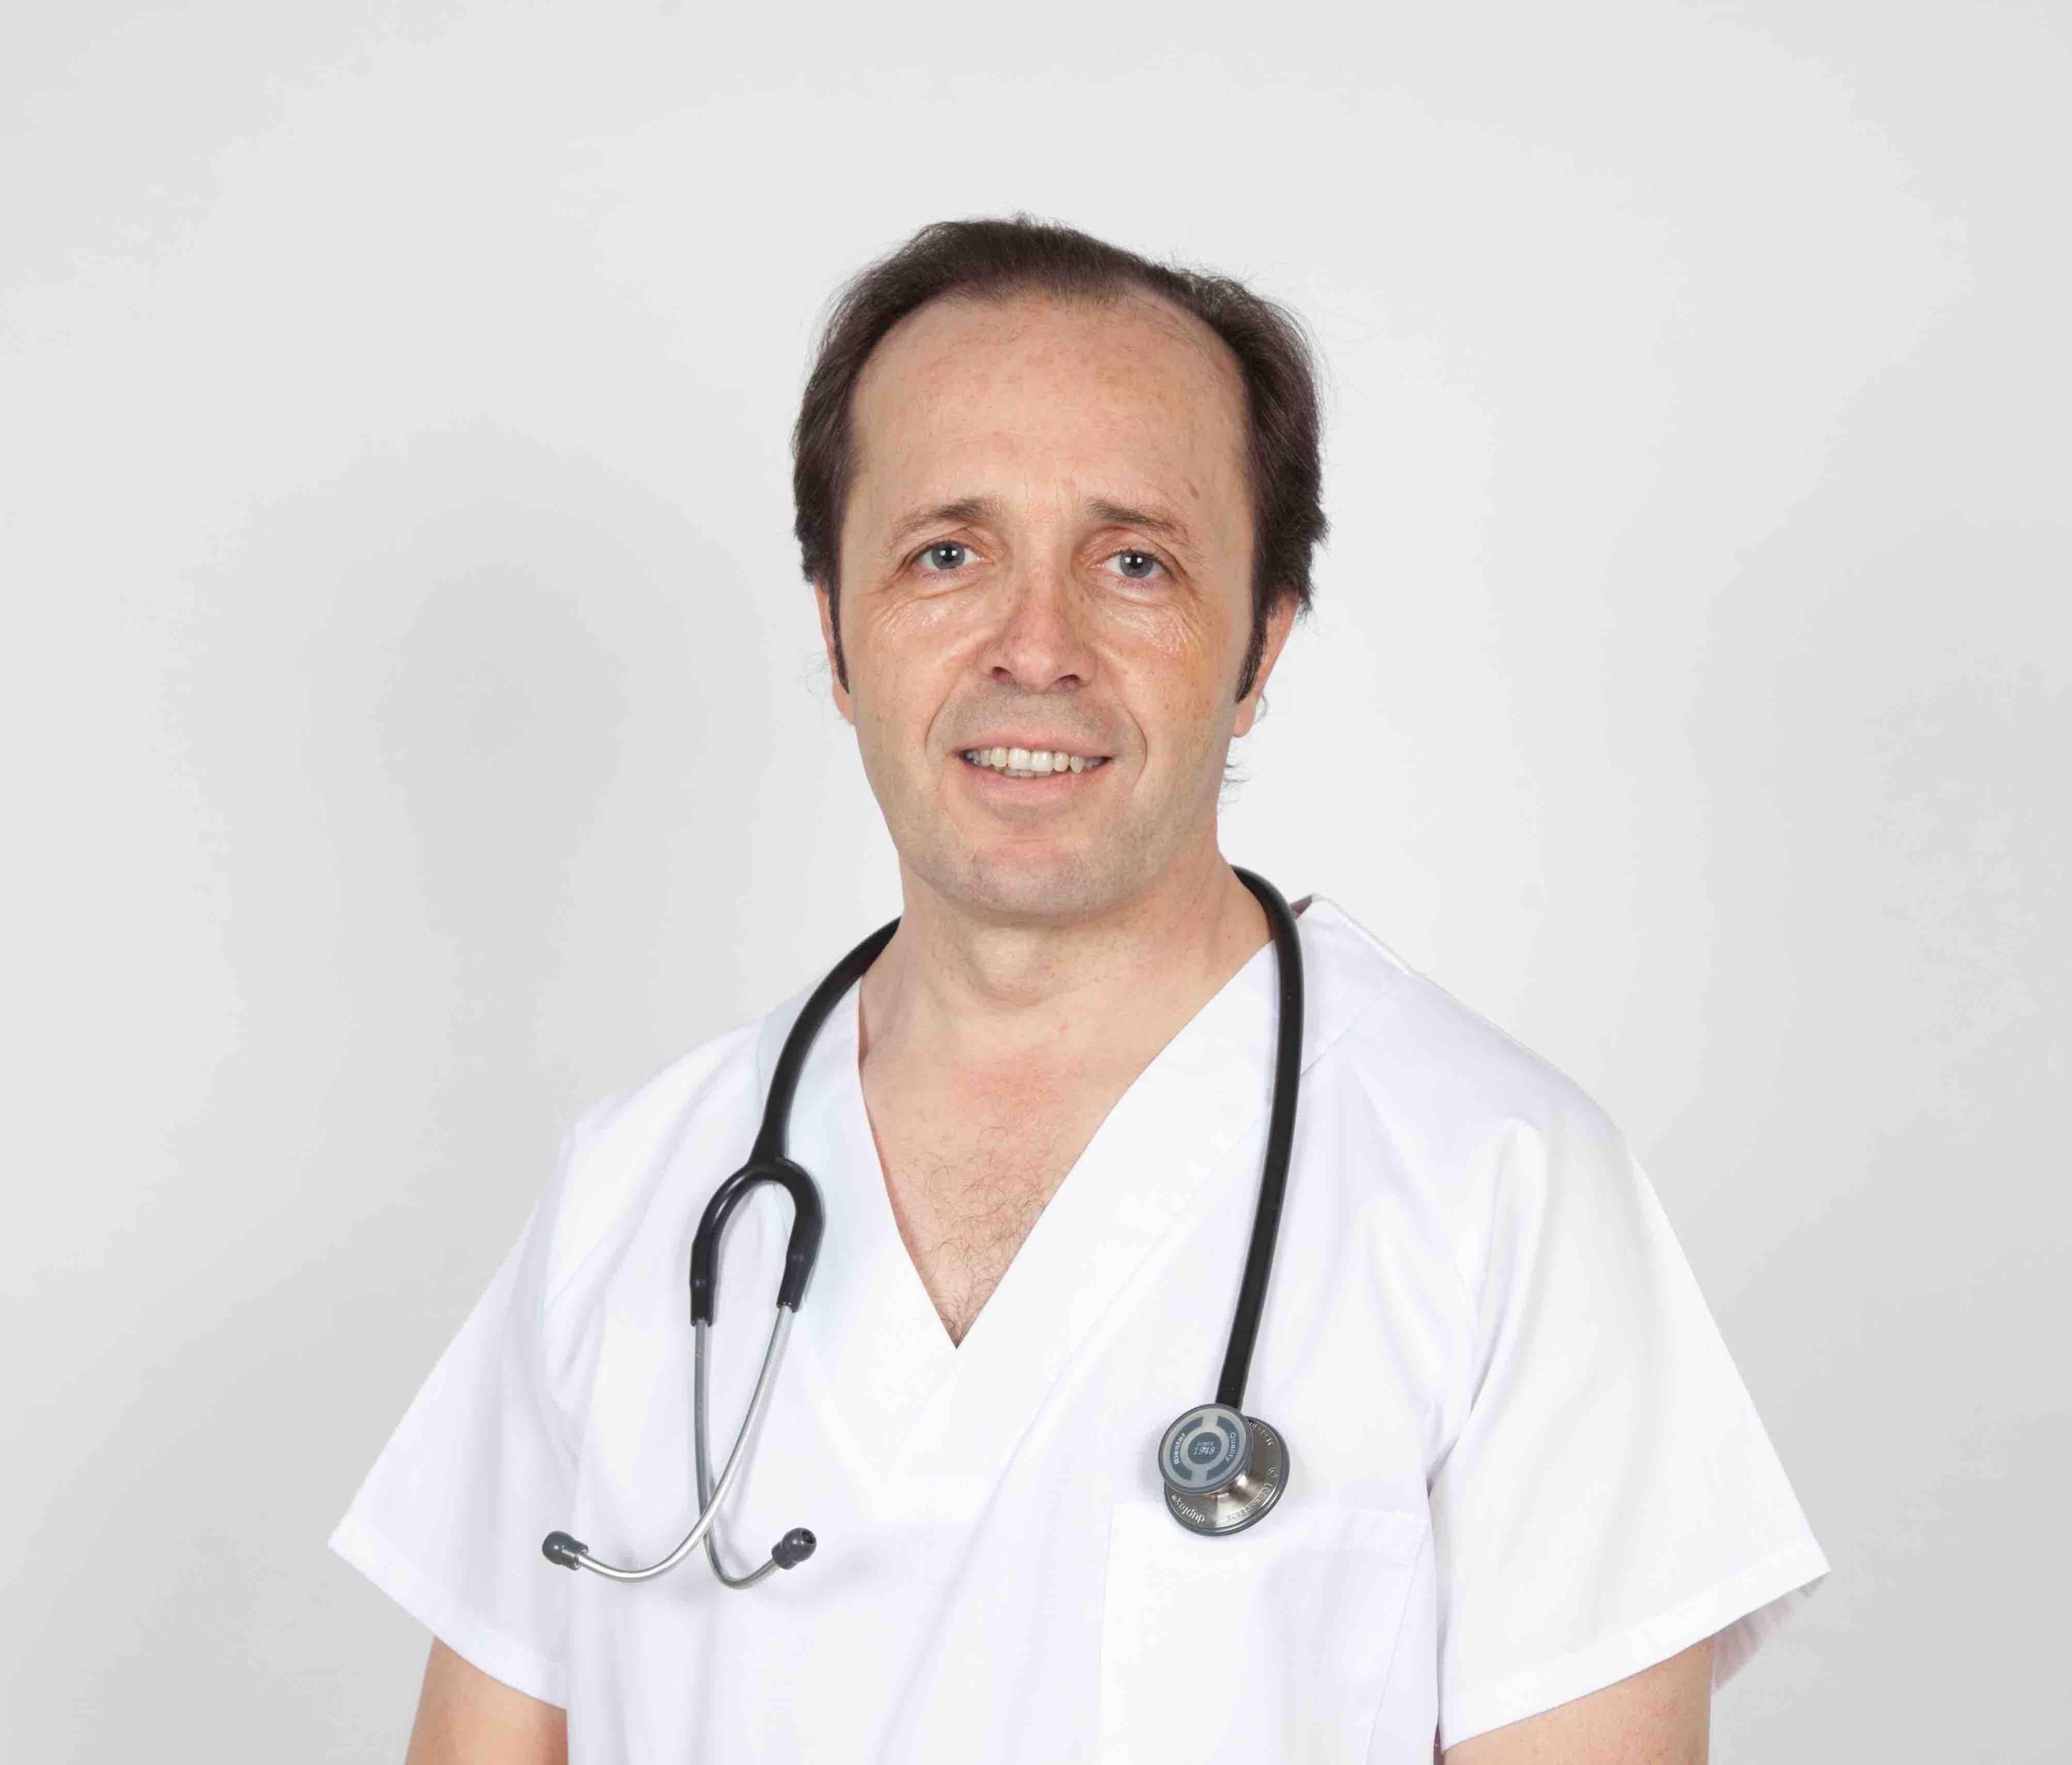 Francisco Javier Contreras Porta